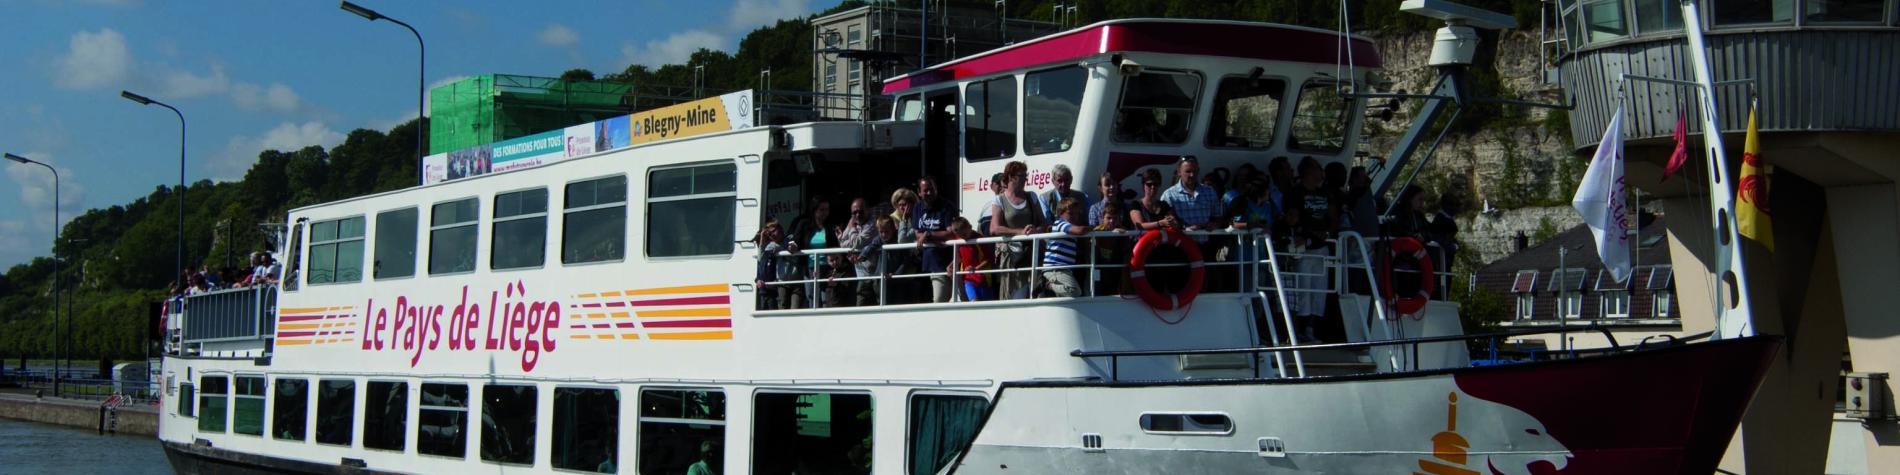 bateau Pays de Liège, réunion, conférences, meetings, croisière, insolite special venues